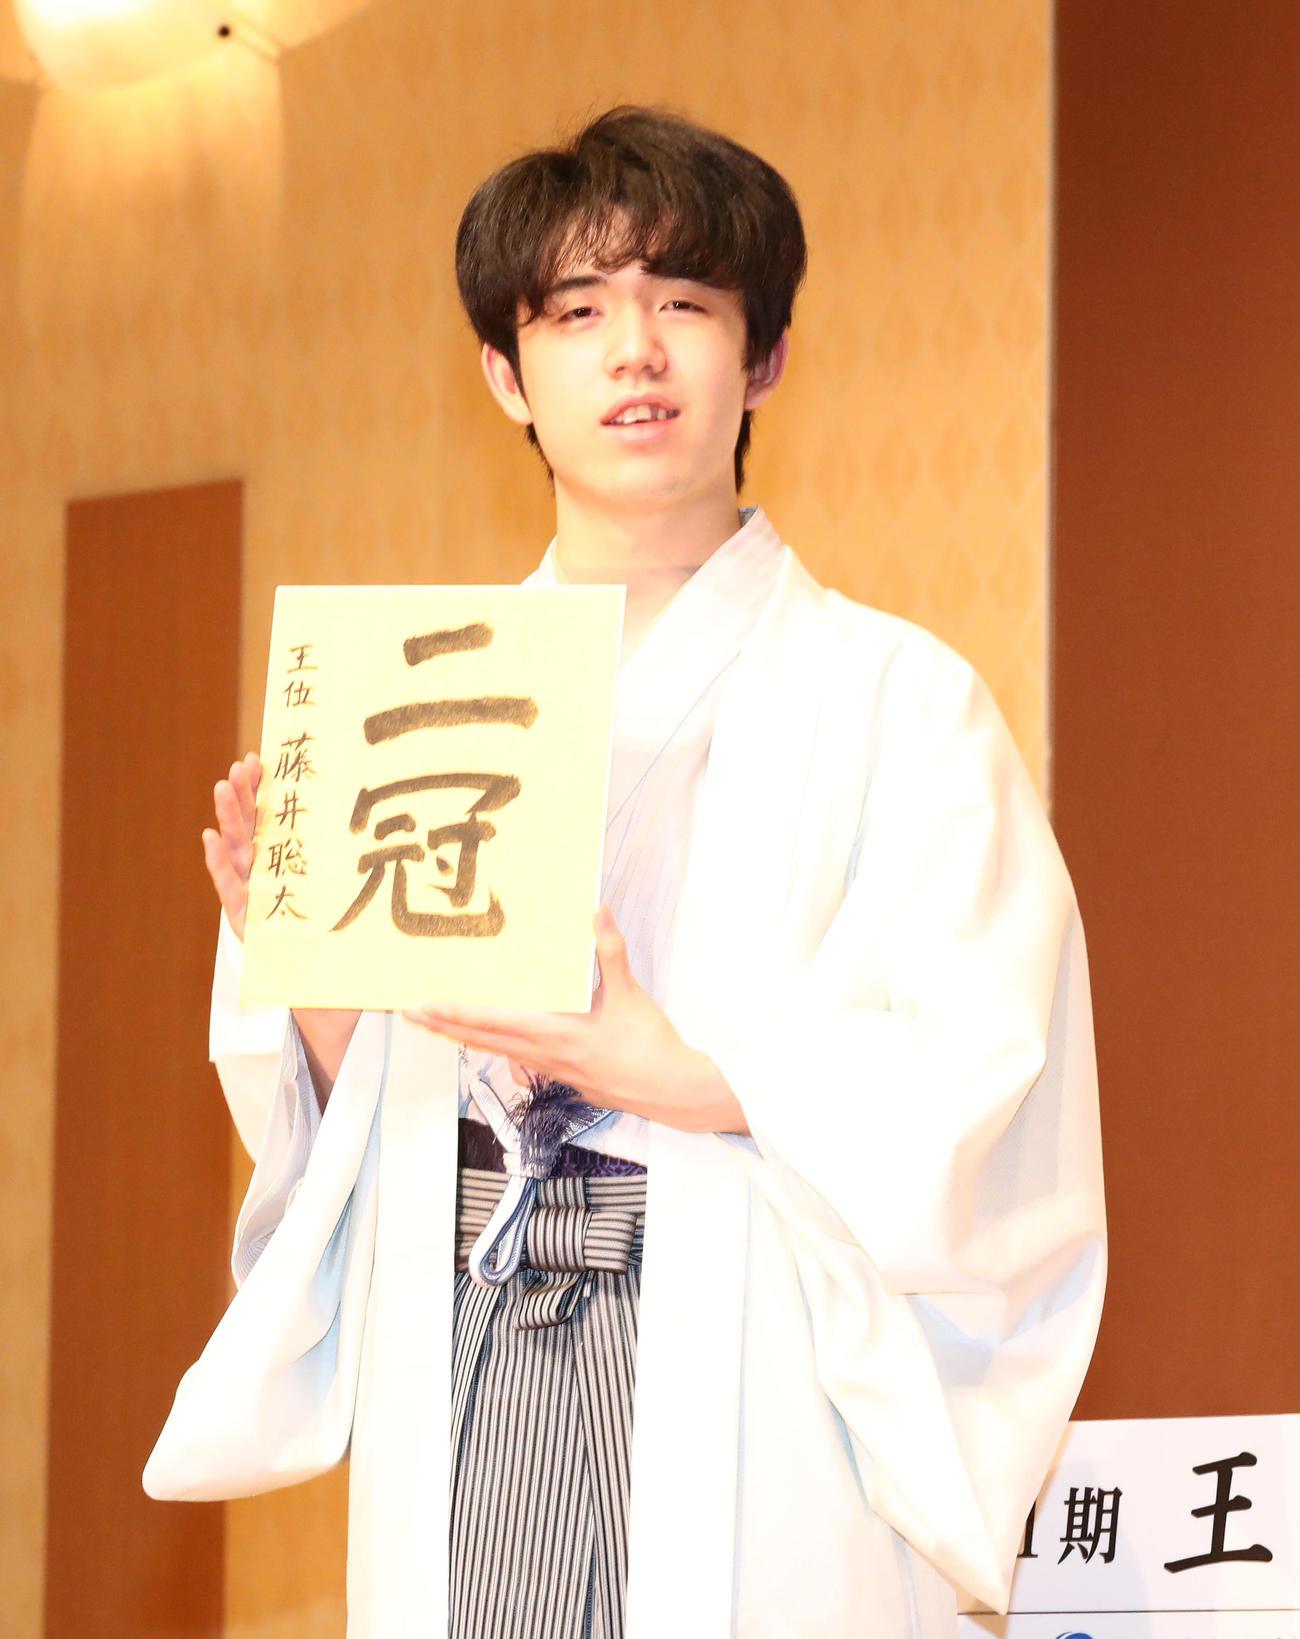 史上最年少2冠を獲得した藤井聡太棋聖は金色の色紙を手に笑顔(撮影・梅根麻紀)